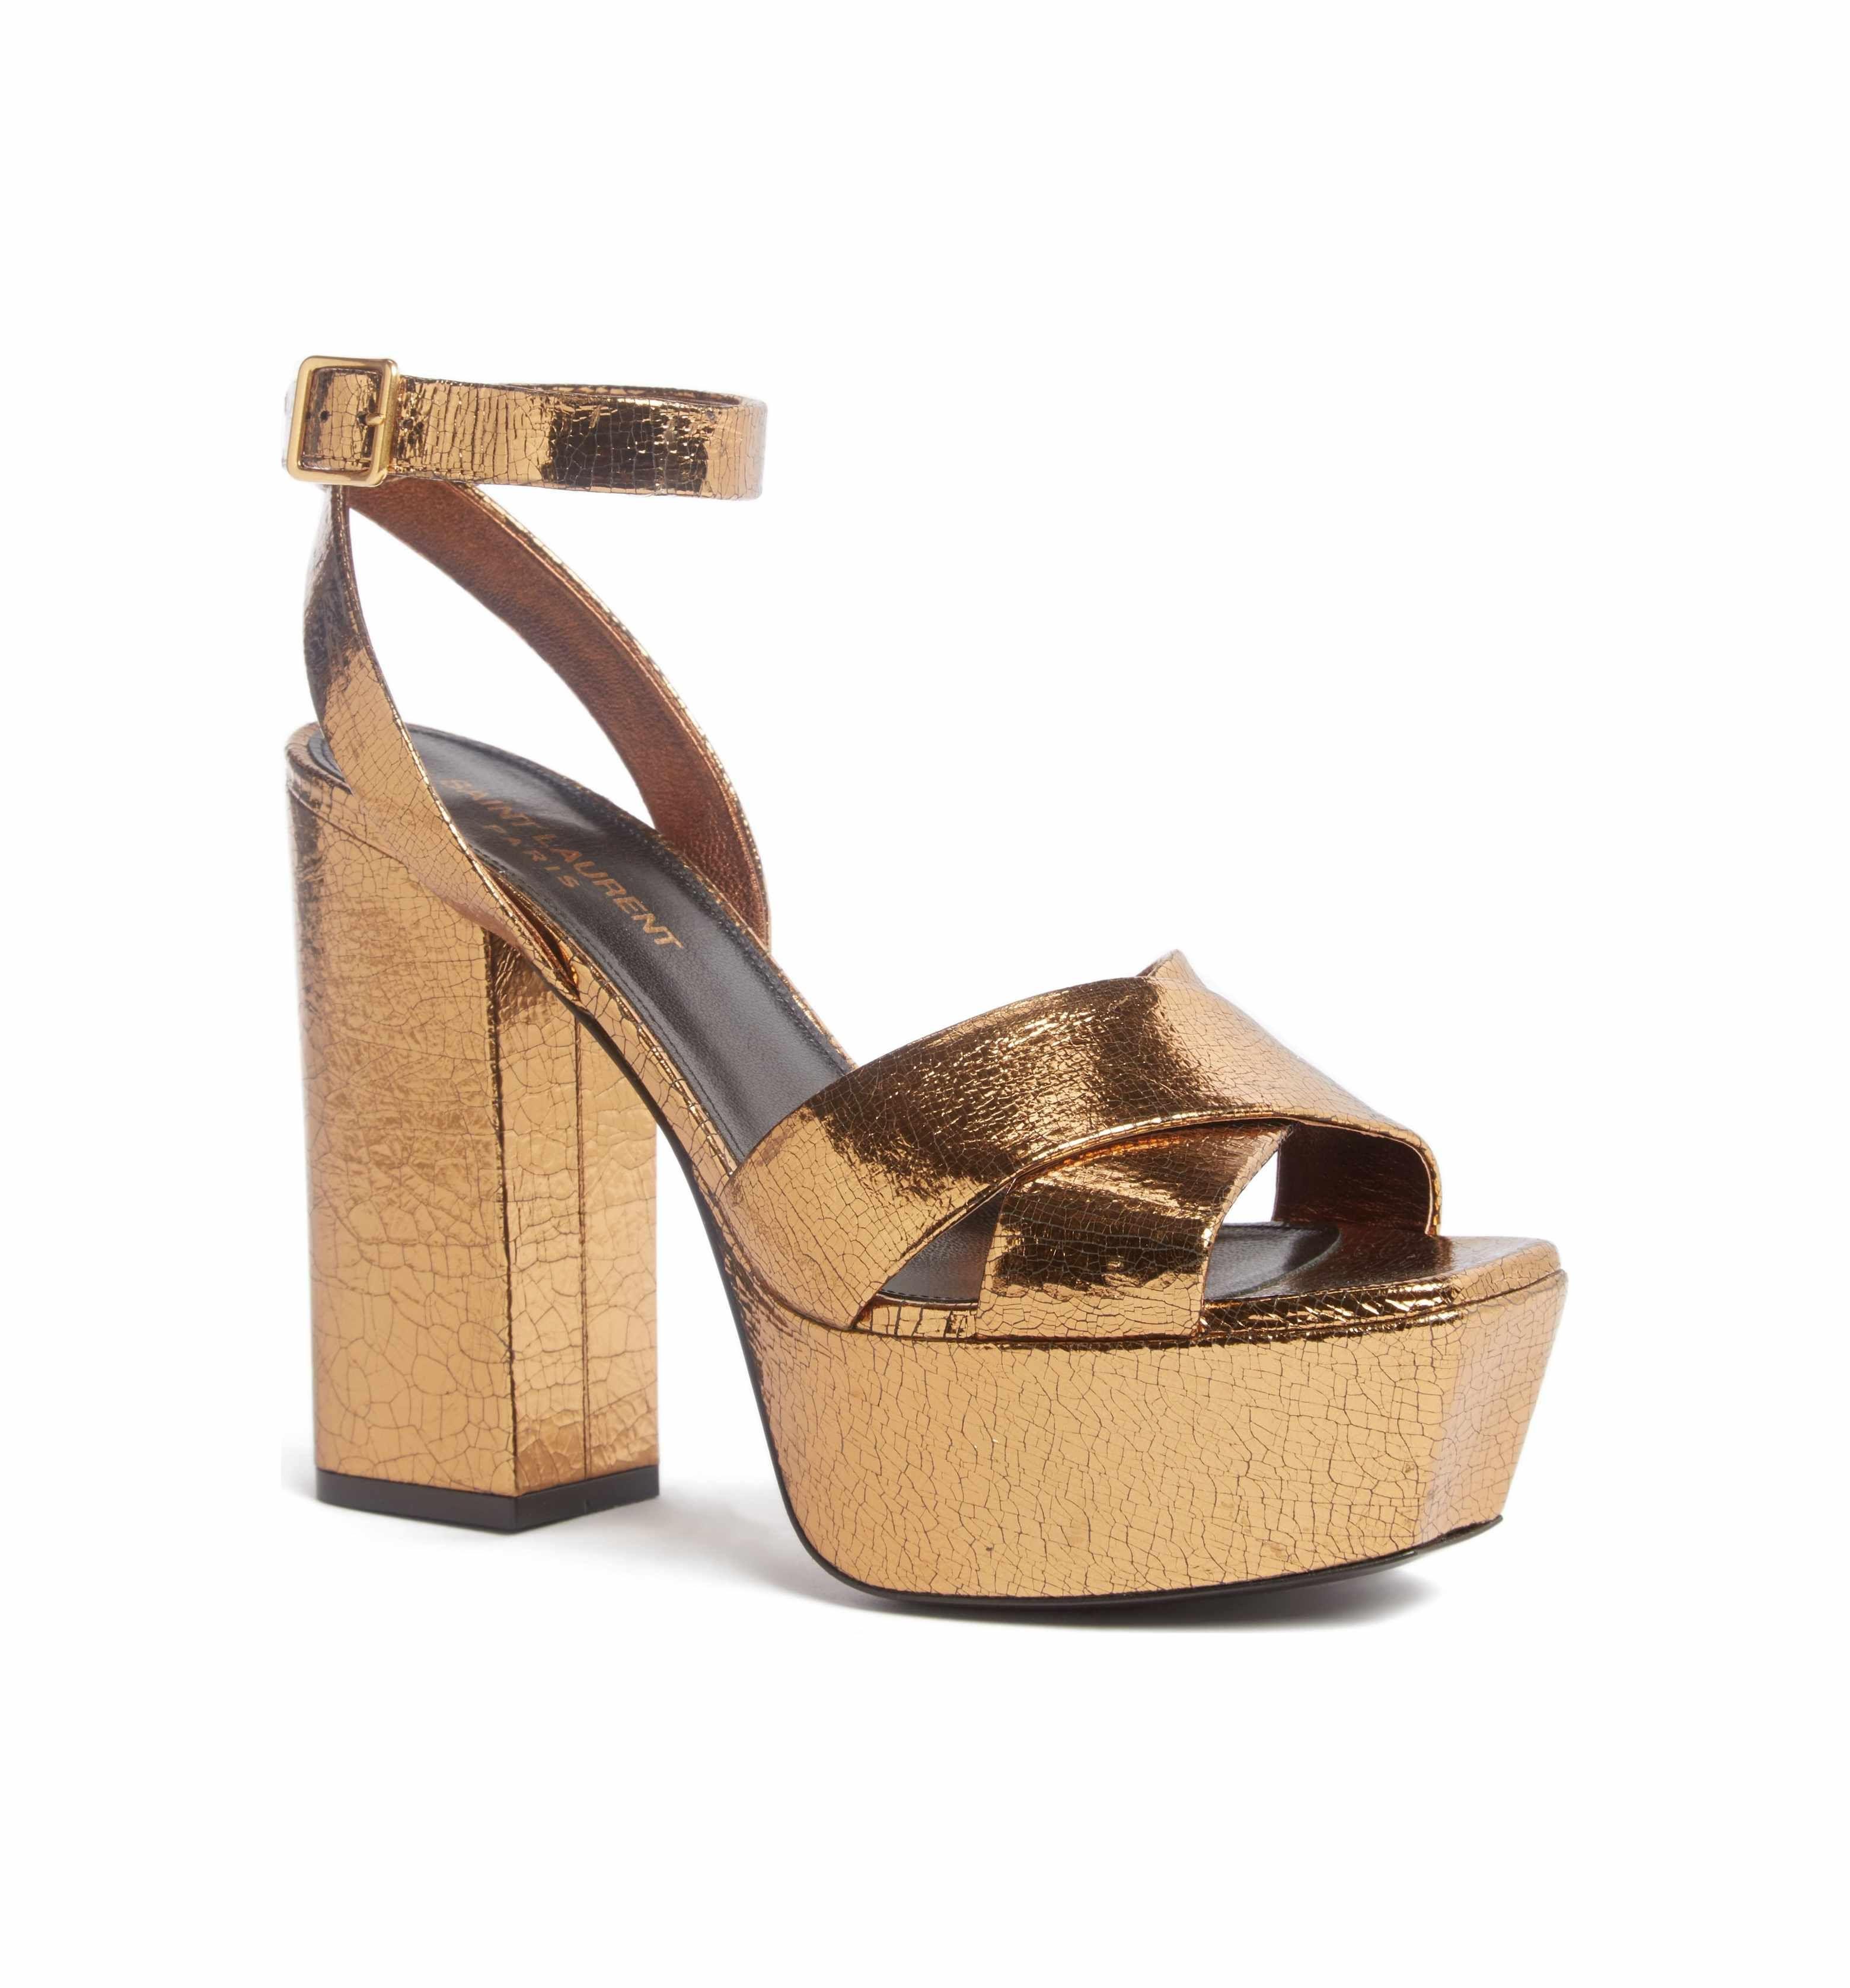 00739dd7e2a Main Image - Saint Laurent Farrah Platform Sandal (Women)